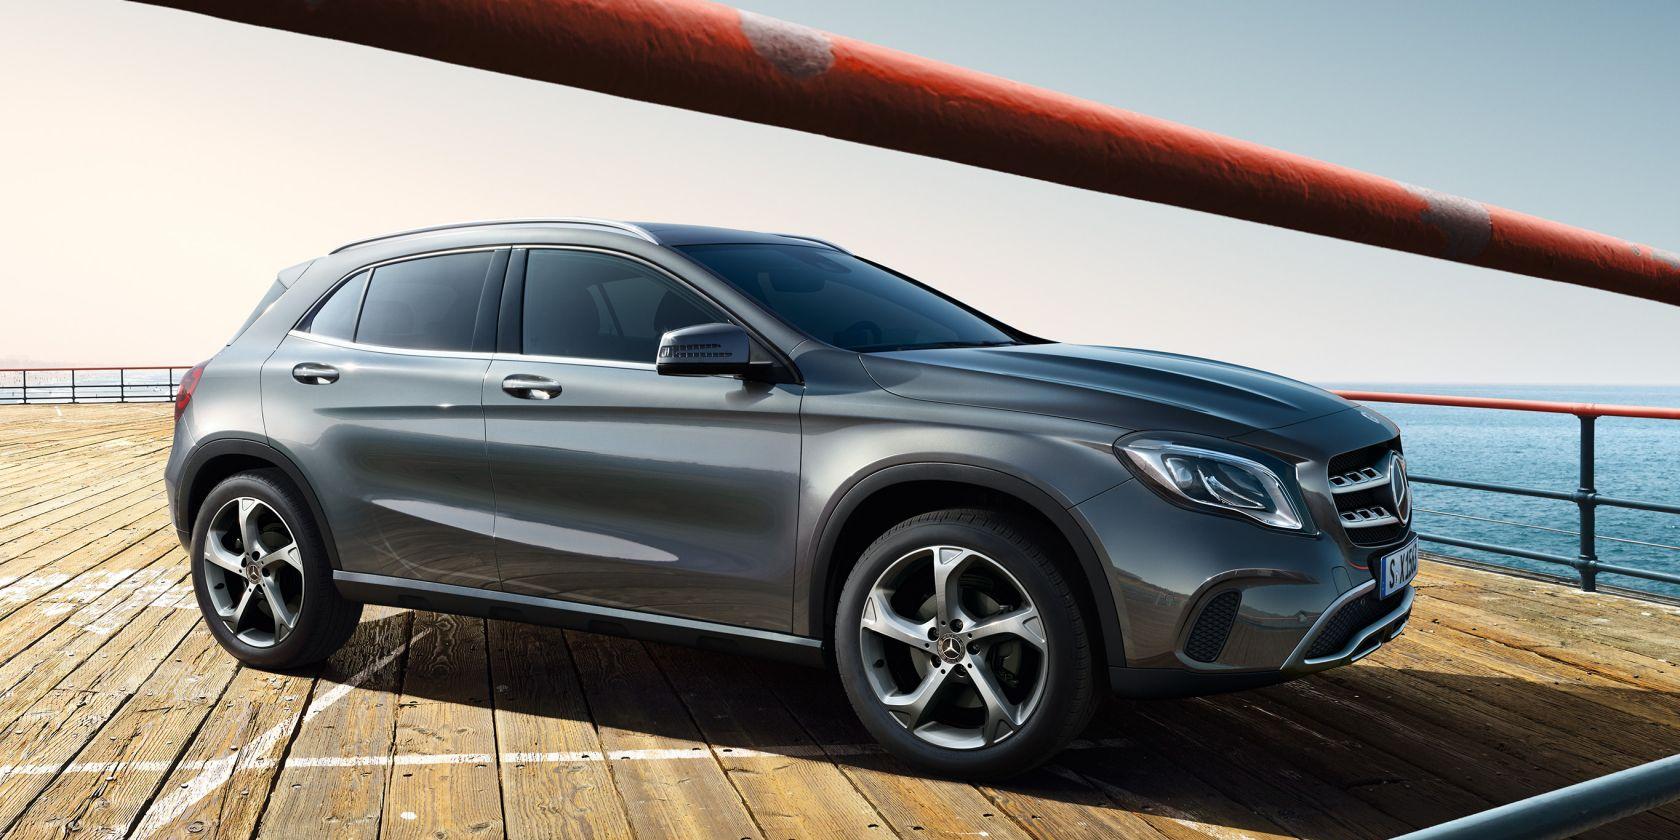 Новый Mercedes GLA 2019 | фото, цена, характеристики в 2019 году